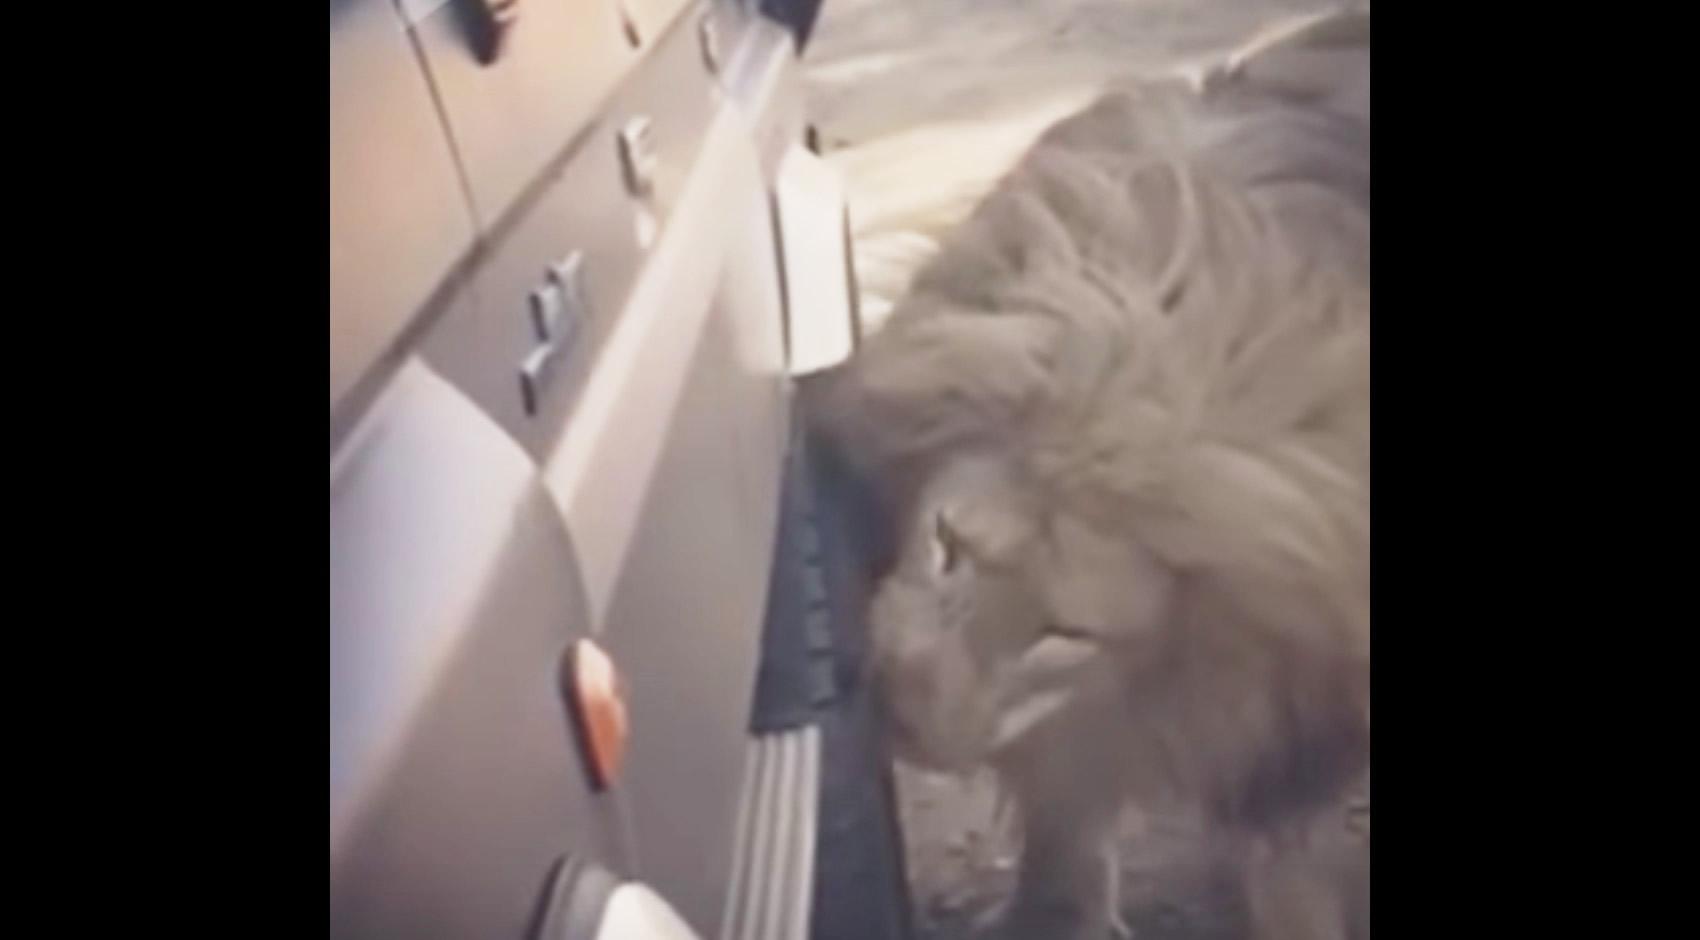 ライオンの顎の力が凄すぎる、、車のタイヤをパンクさせてしまうライオン